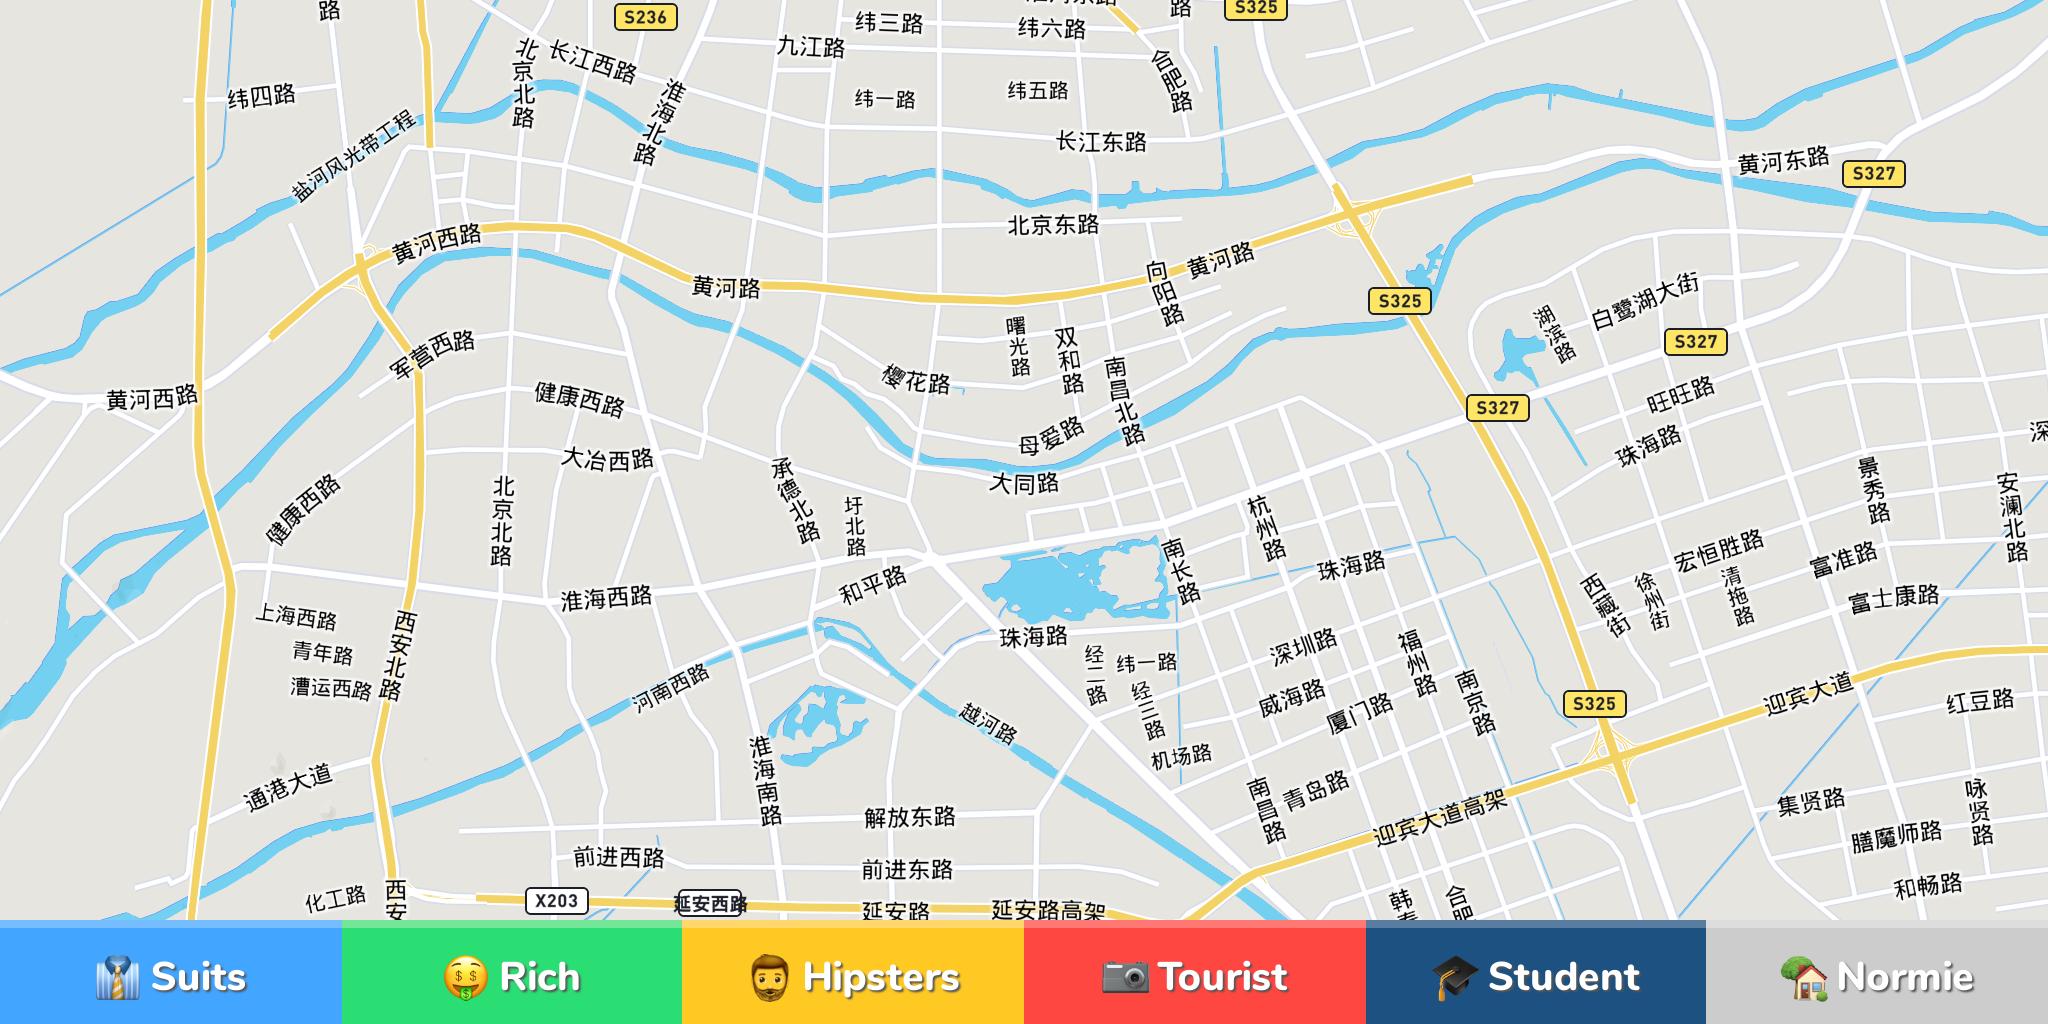 Huaian Neighborhood Map - Huaian map